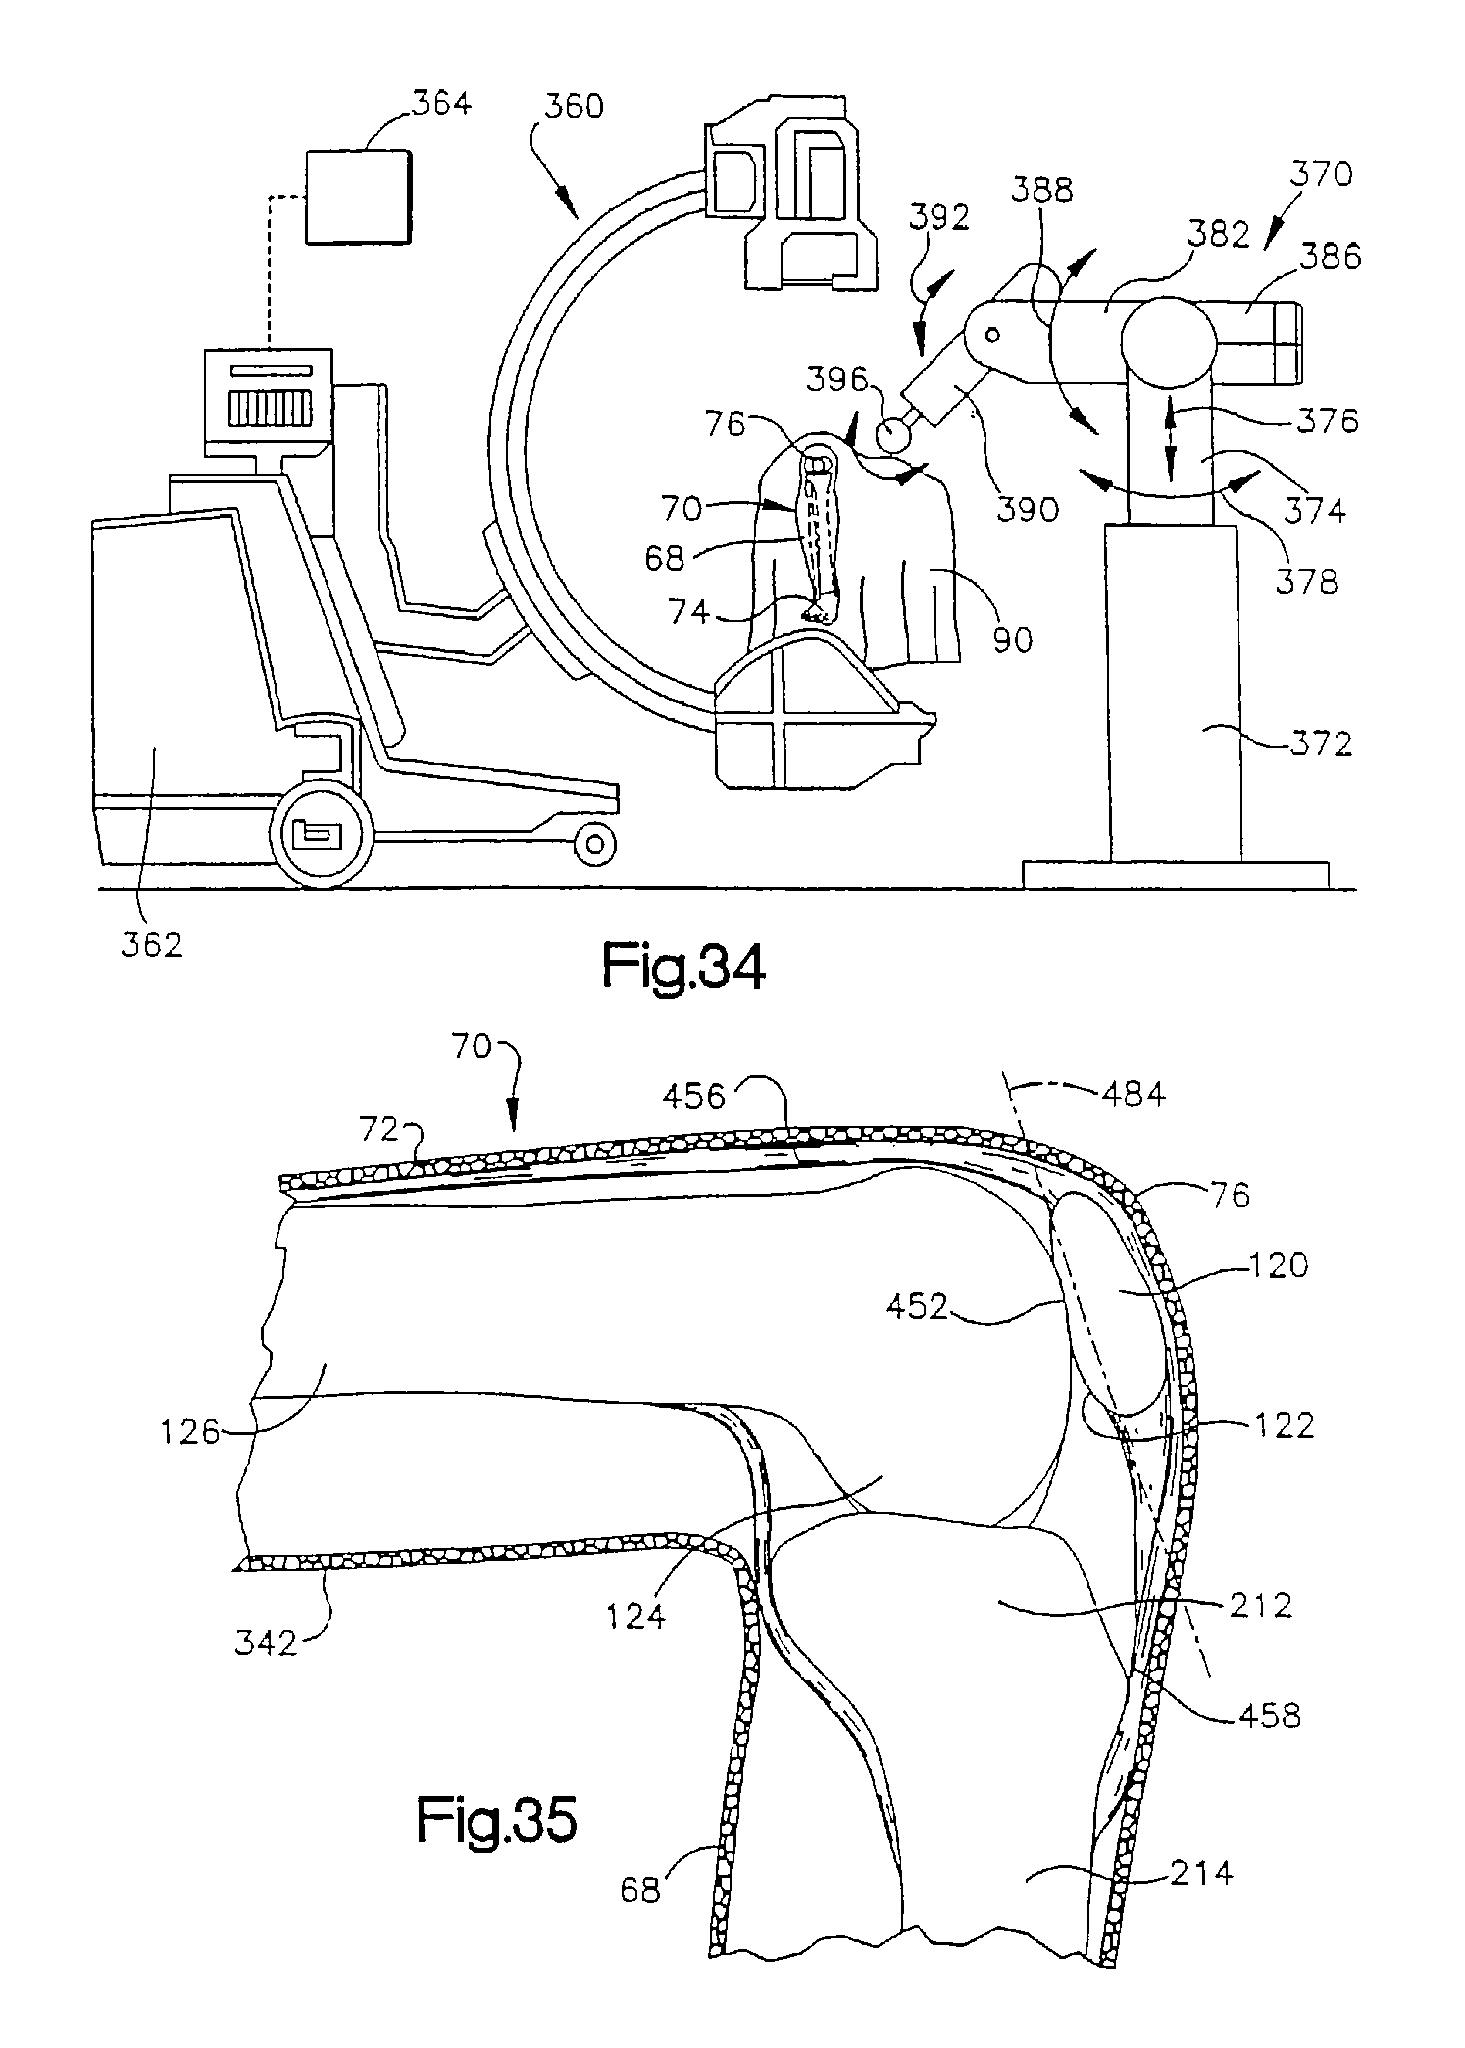 raven flow meter wiring diagram motor starter 440 24 images